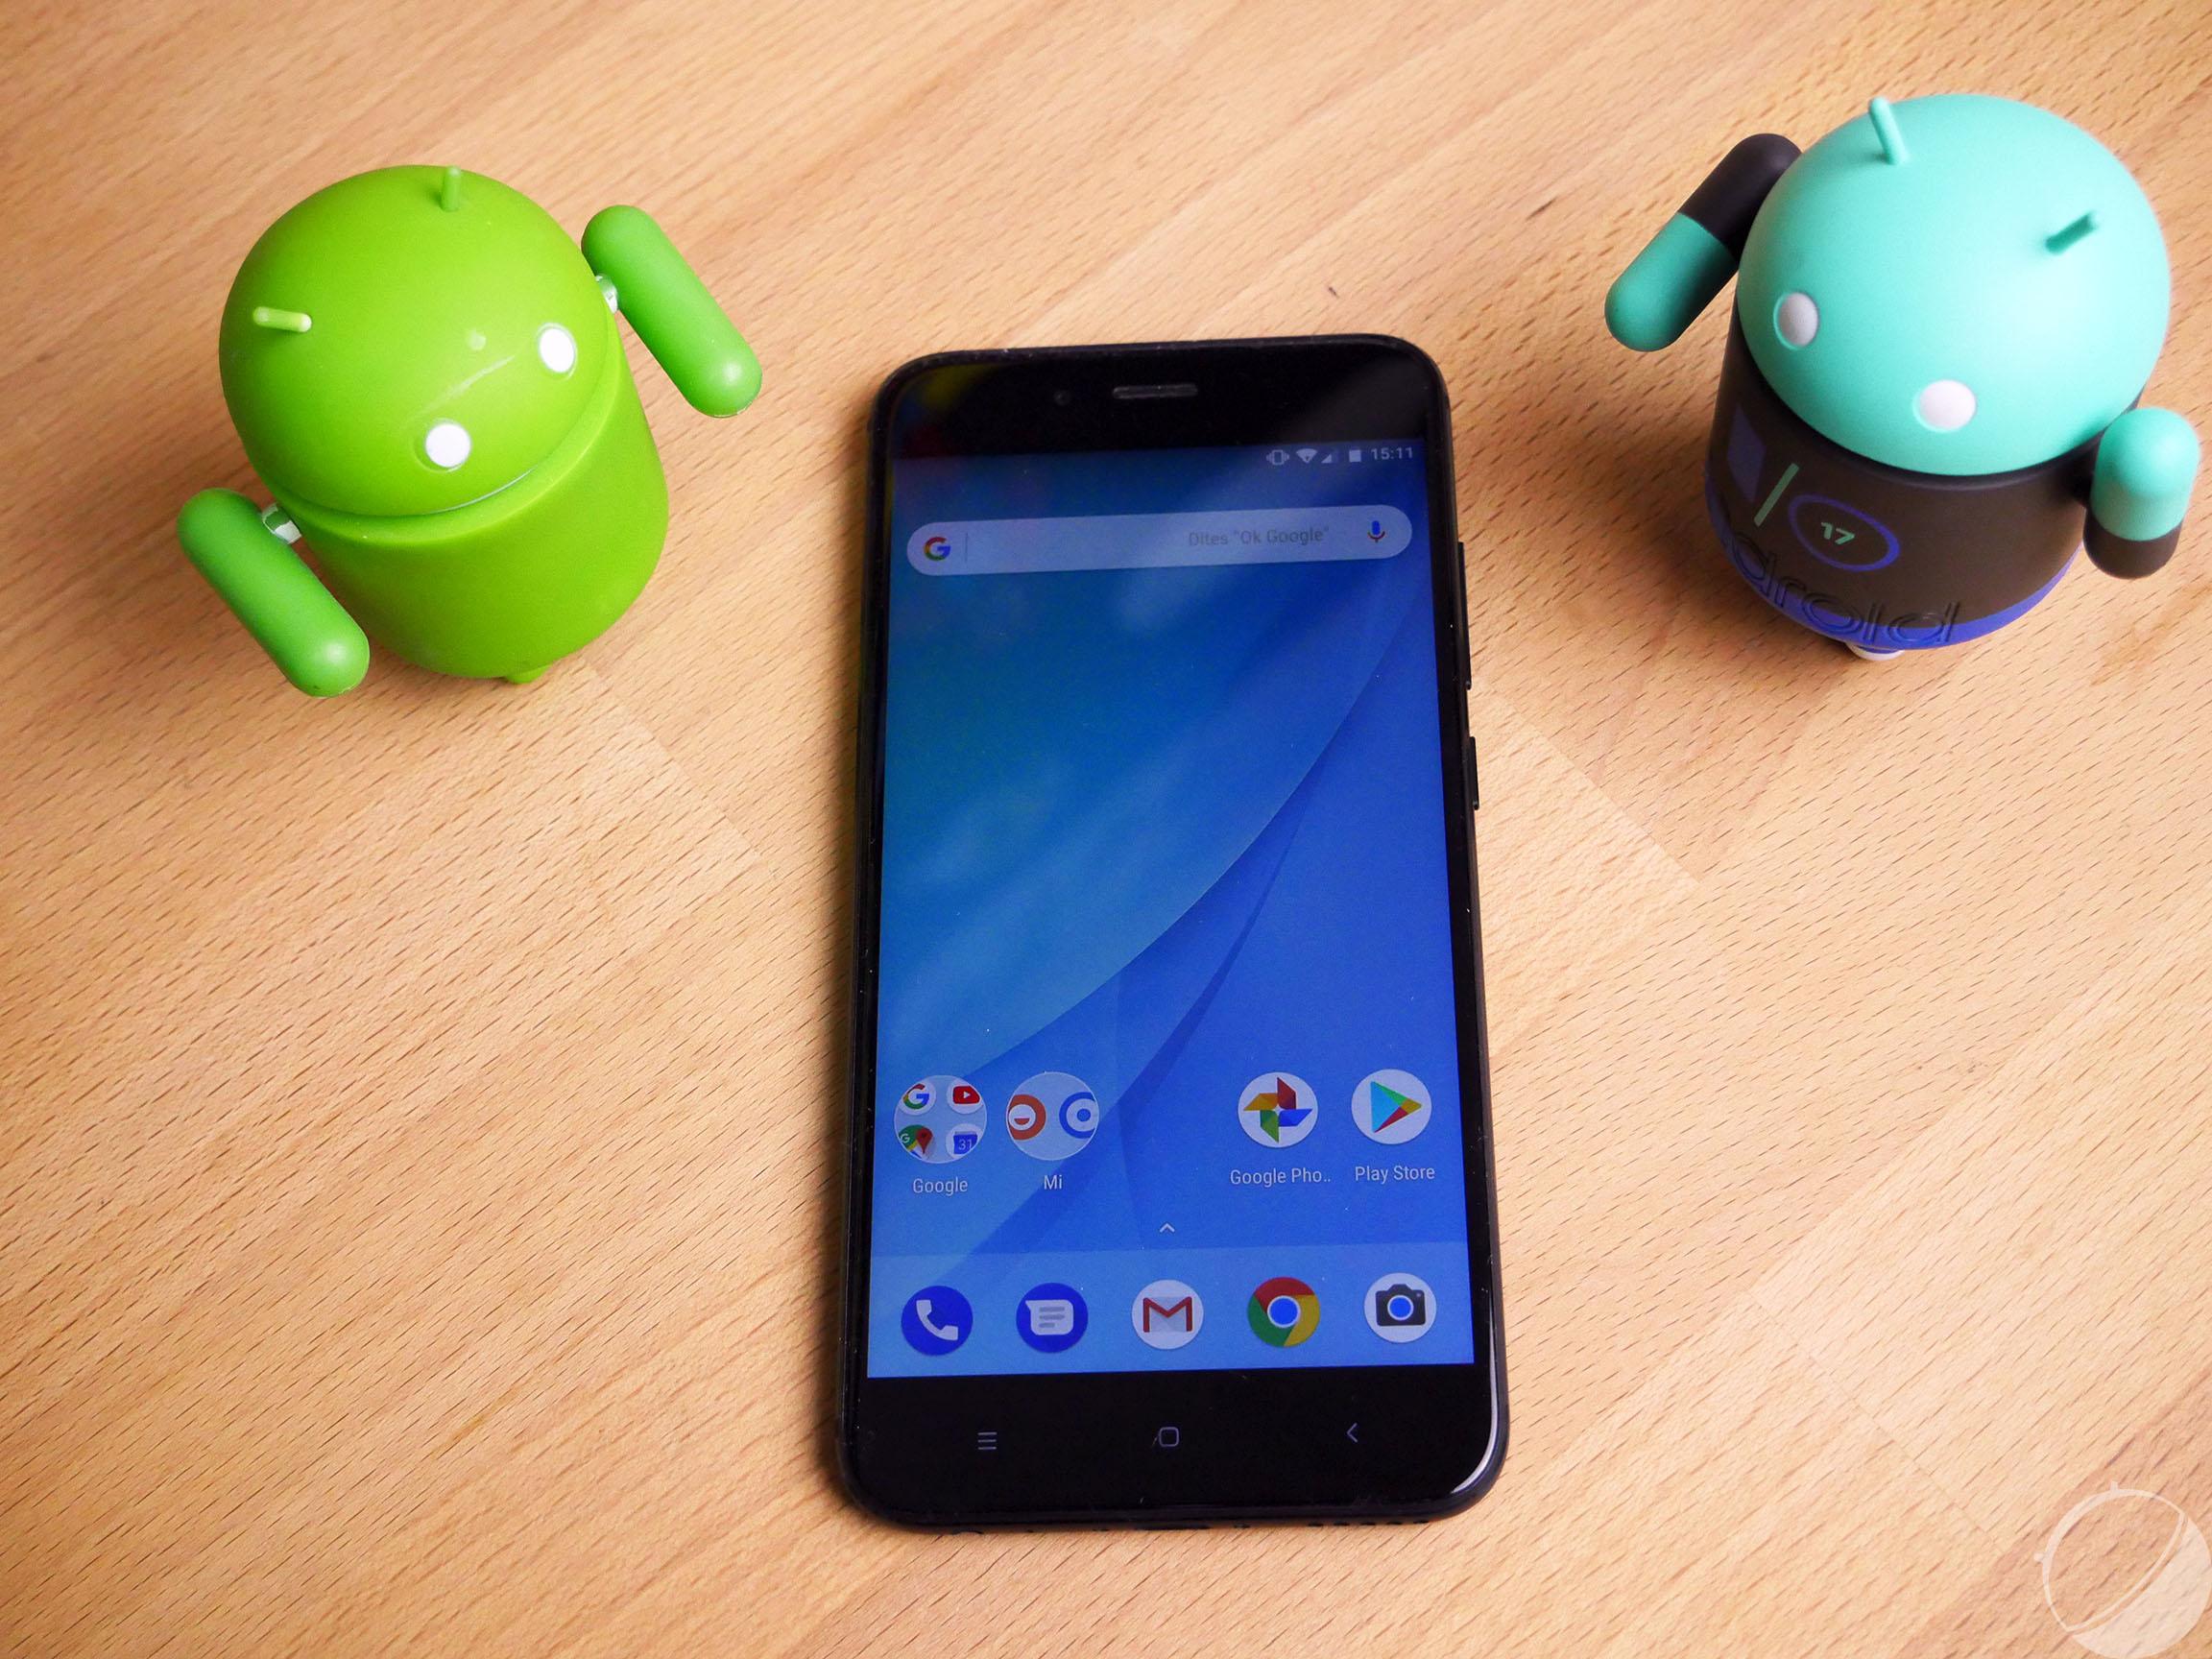 ... adopter Android One, une version pure du système au petit robot vert.  Est-ce l alliance parfaite que l on attendait depuis longtemps   Voyons  cela ! 15693875c430